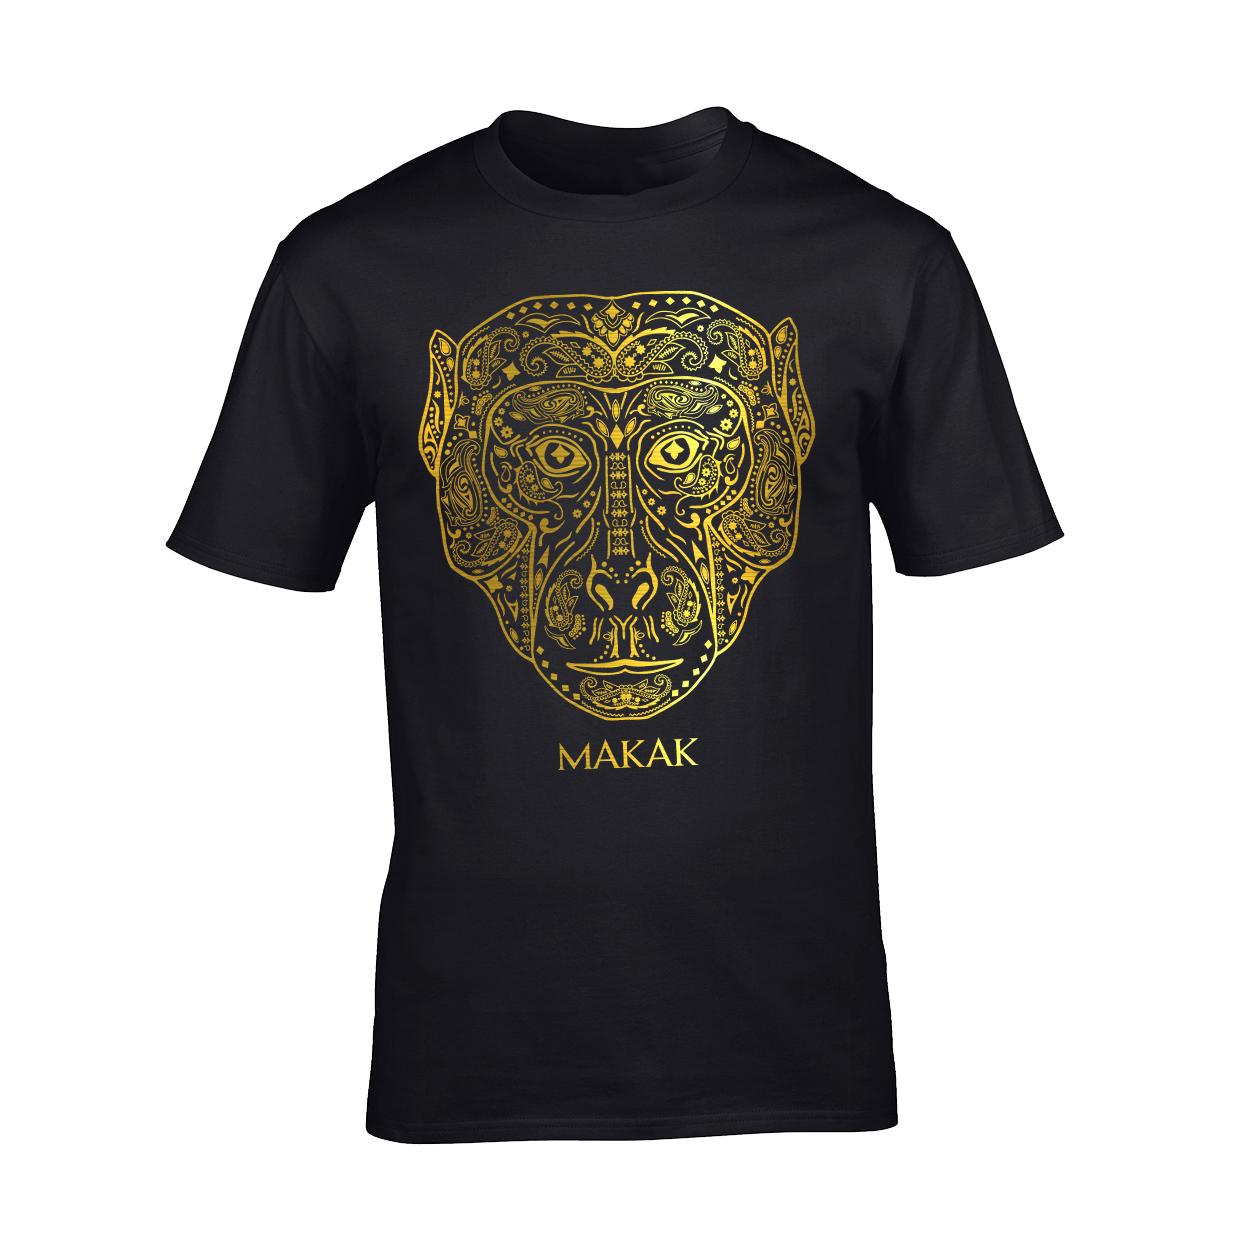 Makak - Tričko Odkaz - Muž, Čierna, M